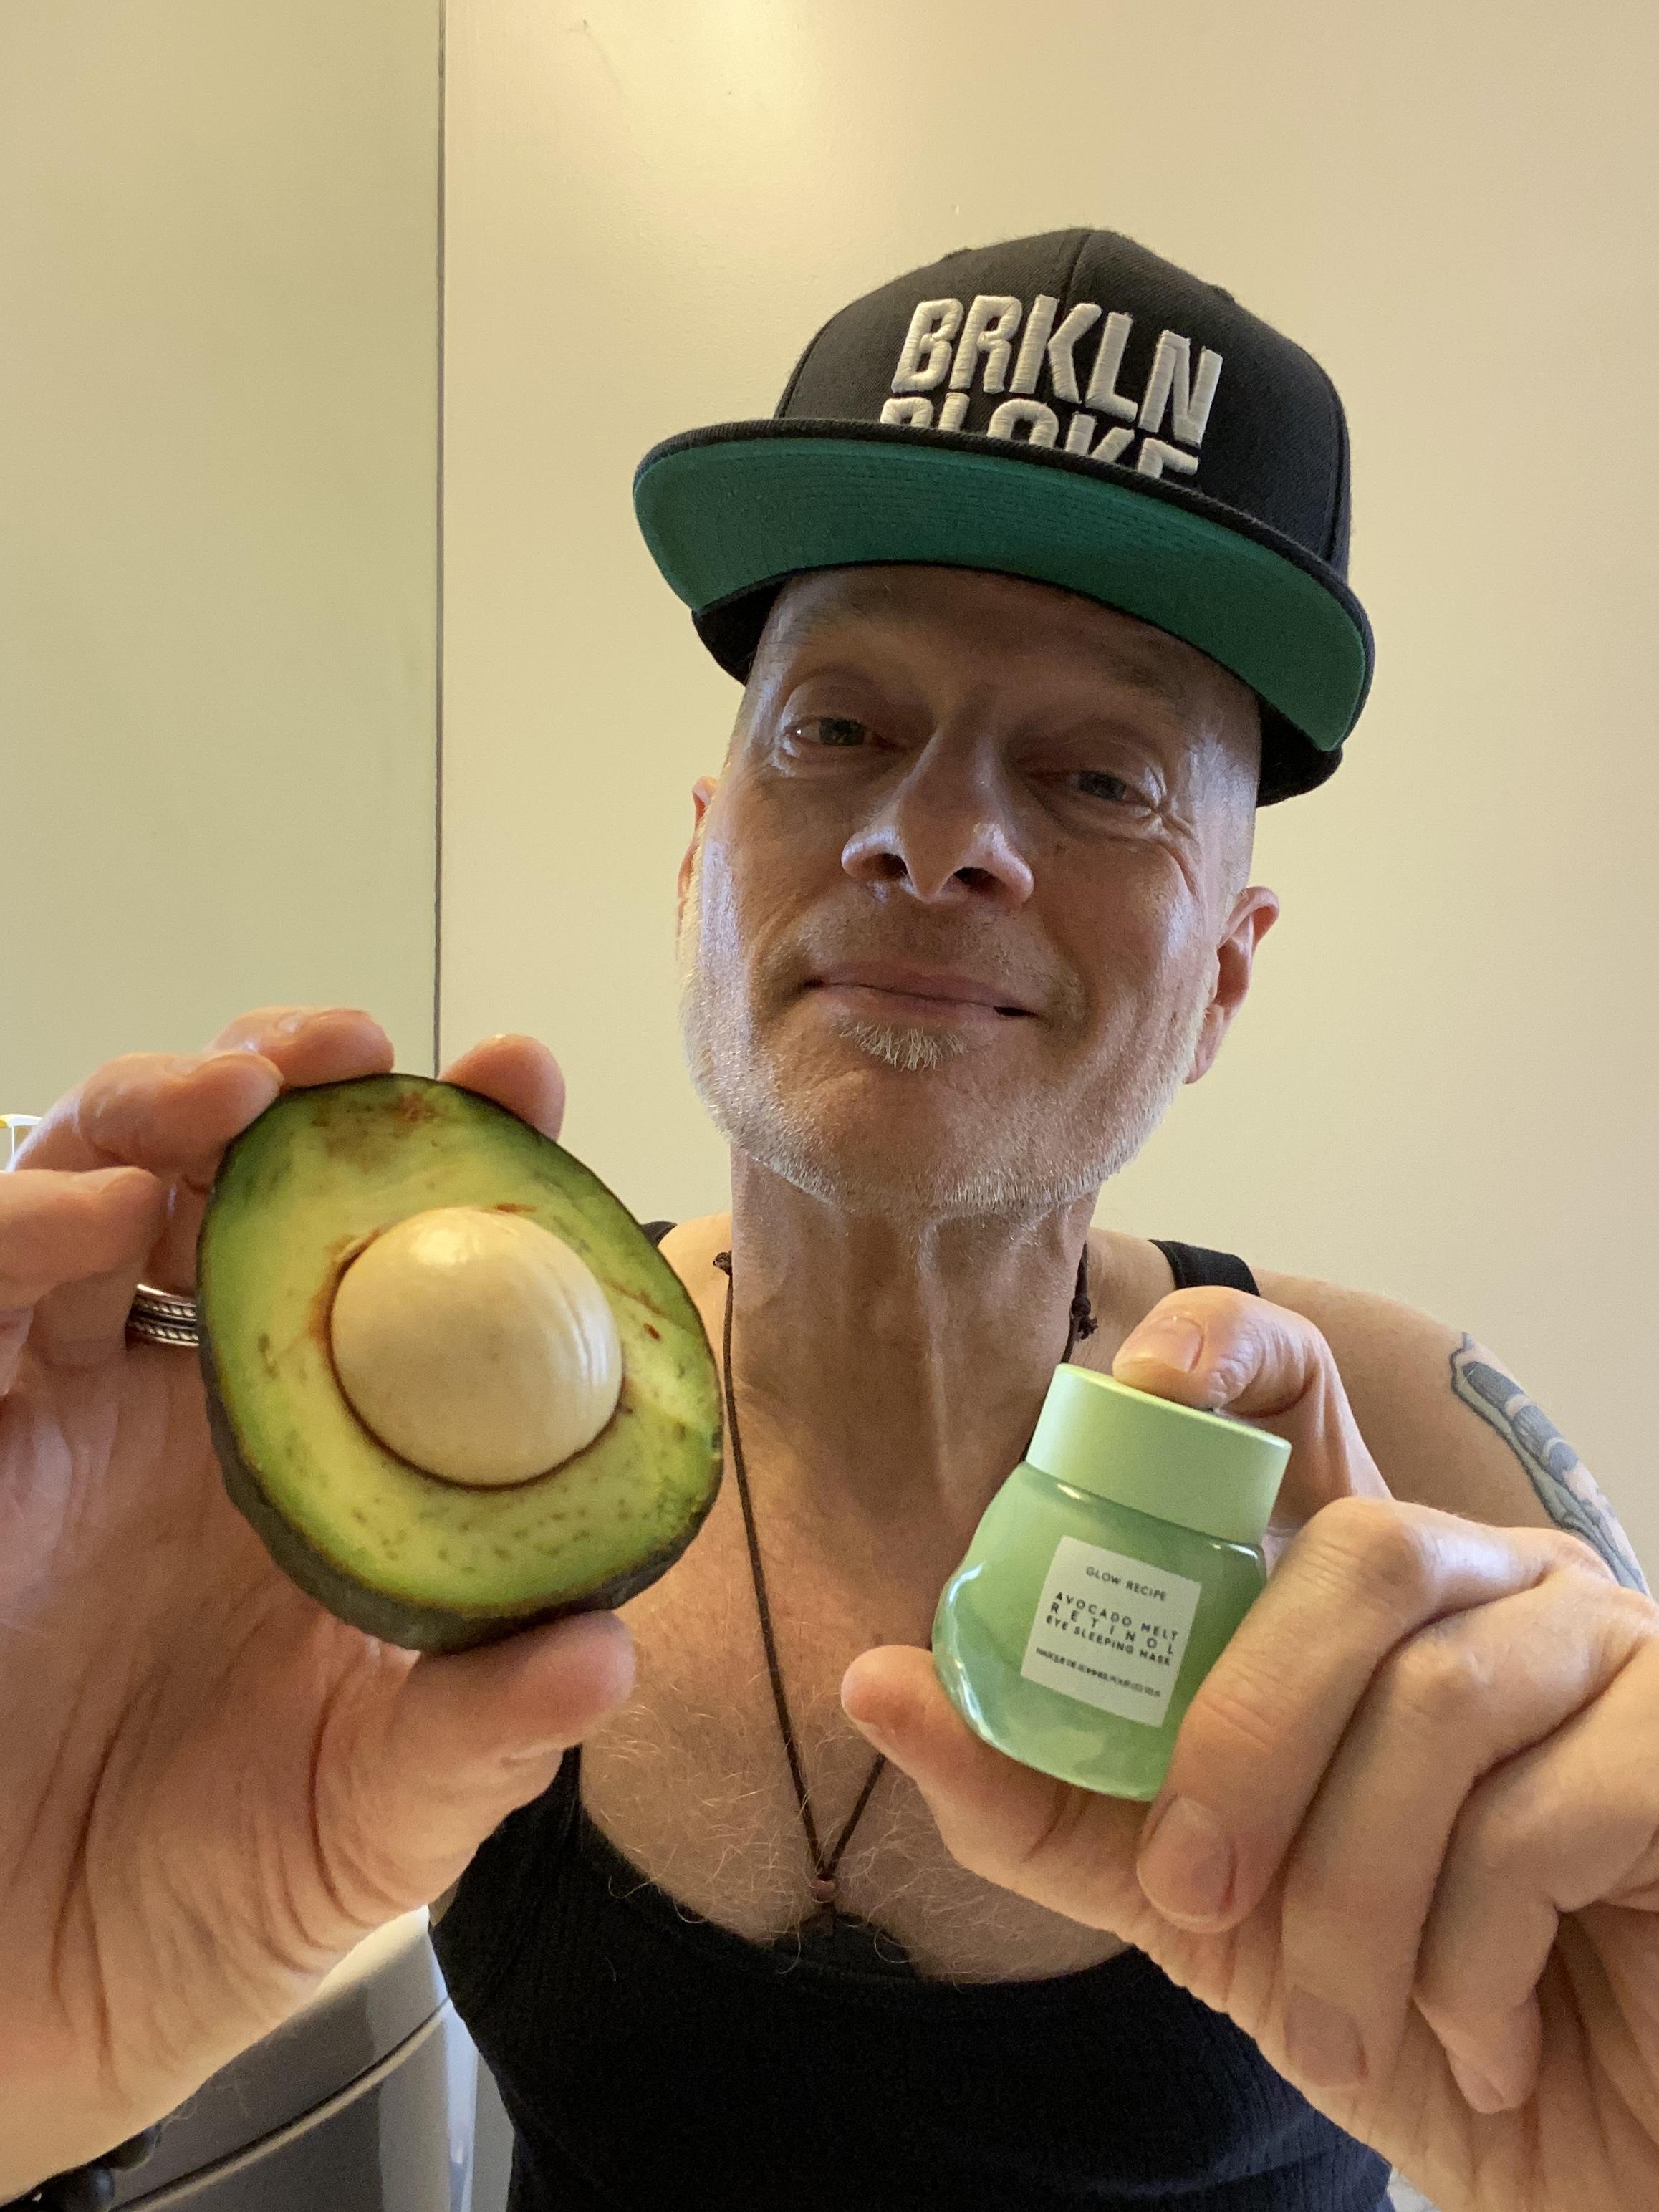 I heart avocados!